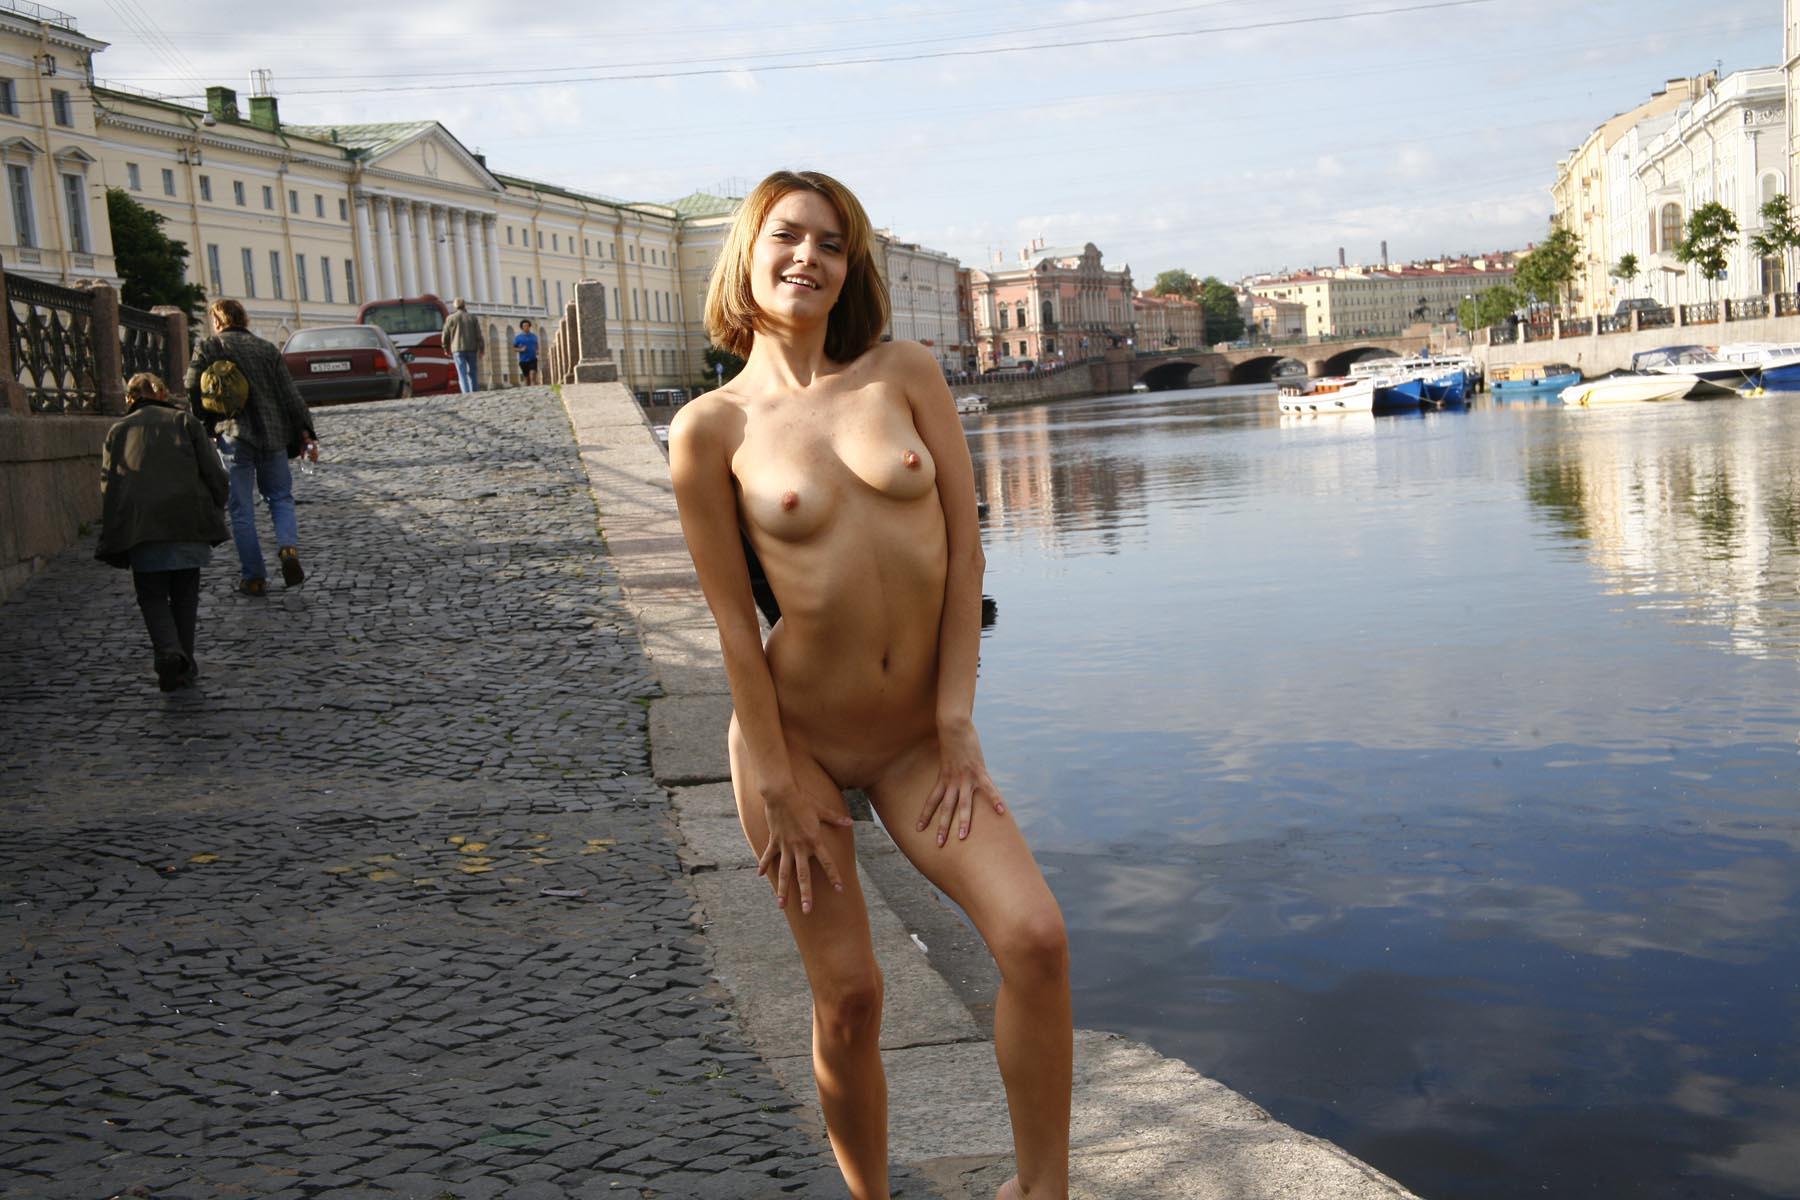 girls pubis nude photos